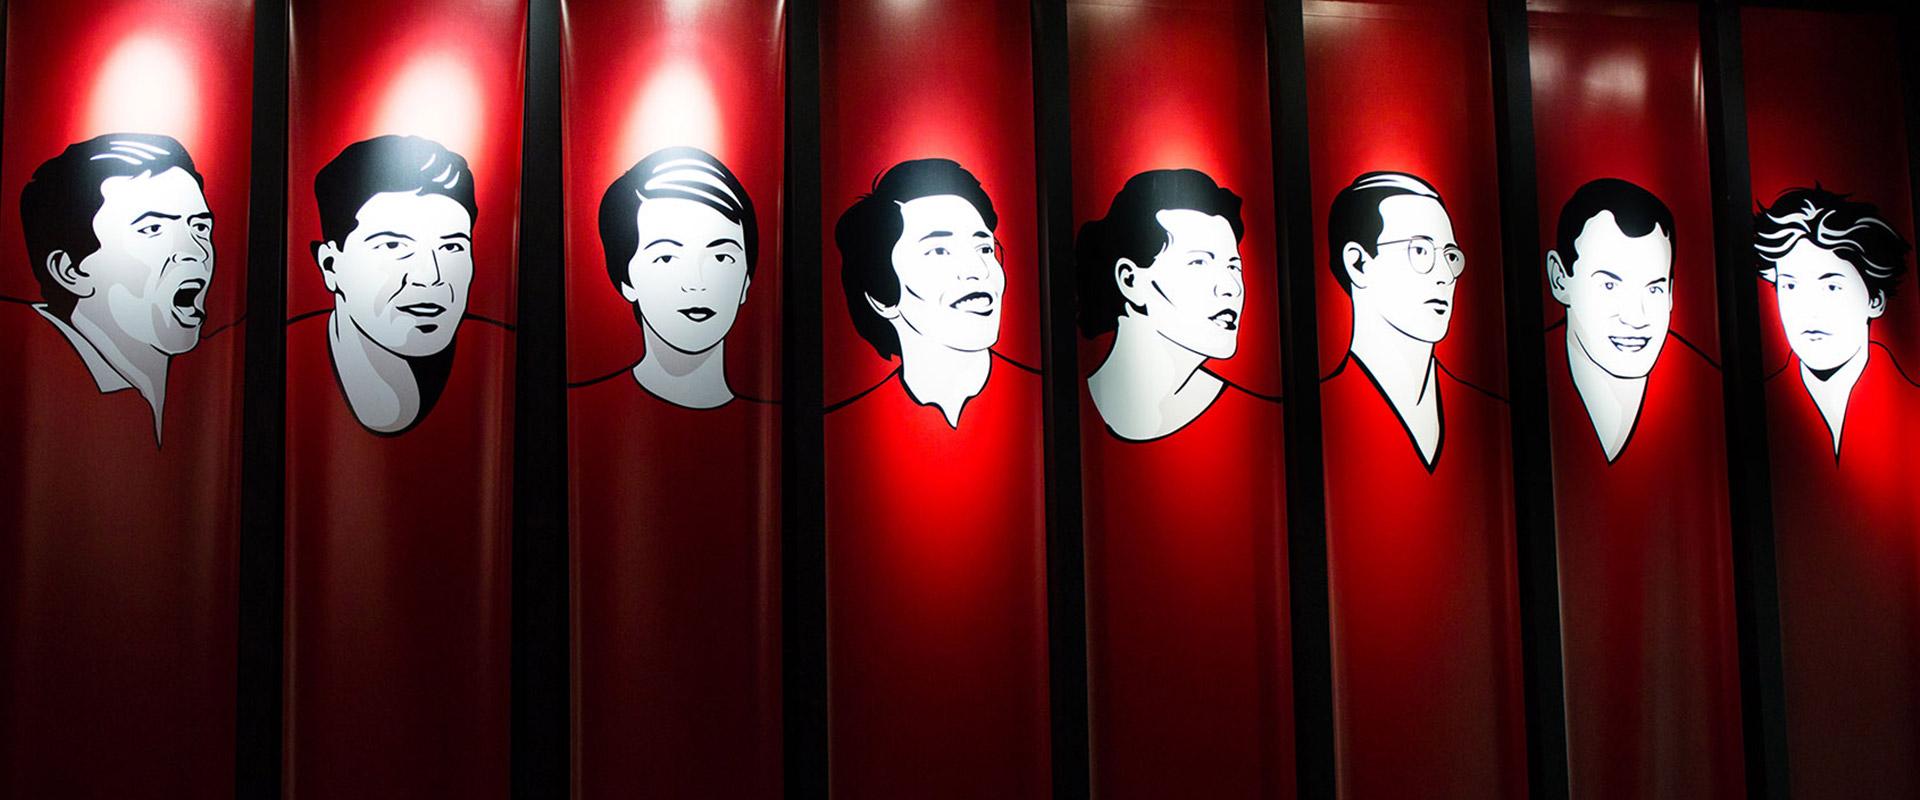 iluminacao-arquitetural-LED_museu-benfica